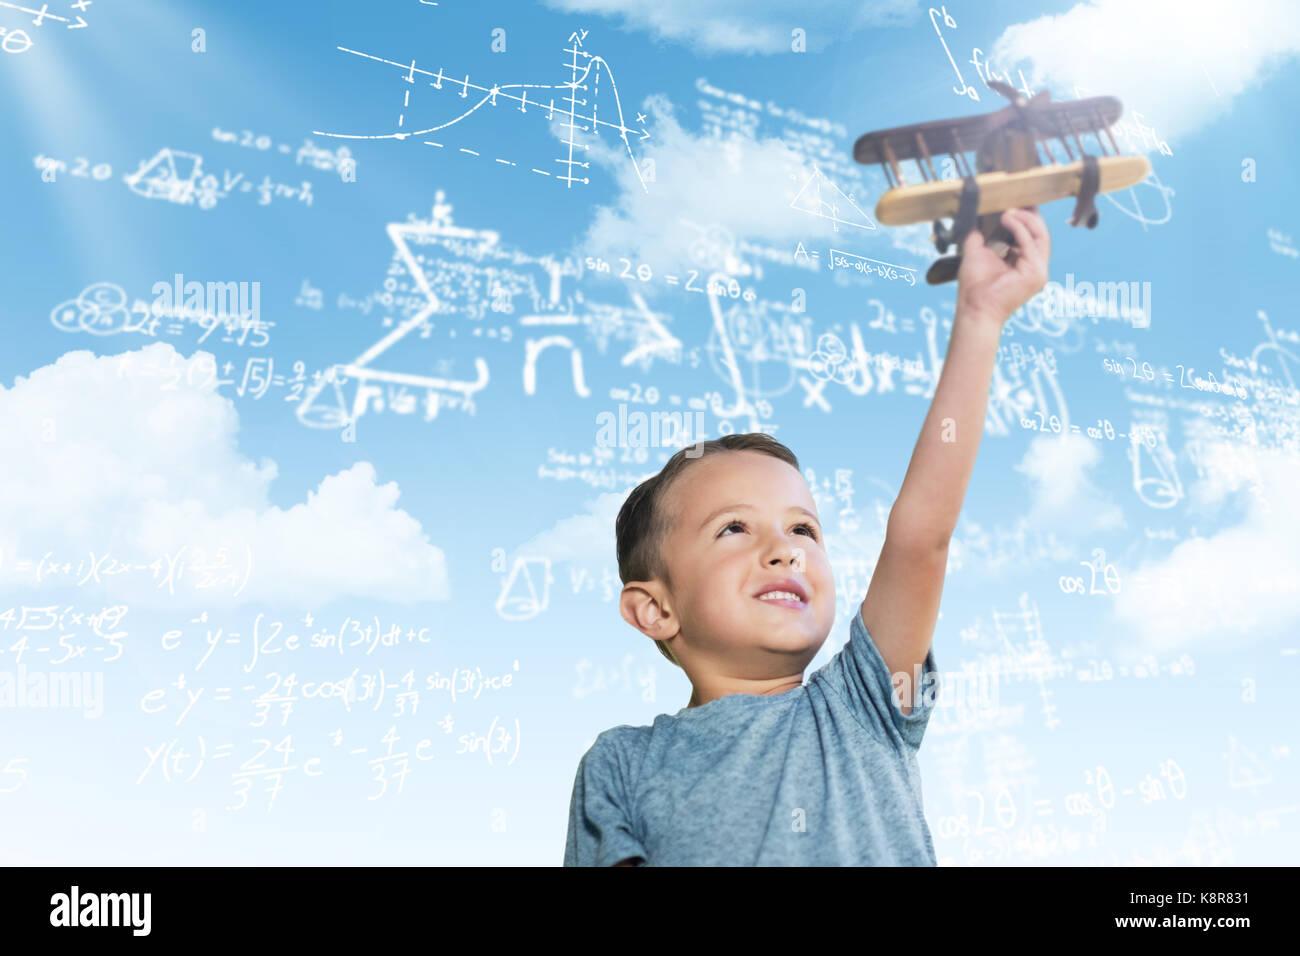 Junge holding Spielzeug Flugzeug gegen den blauen Himmel Stockbild